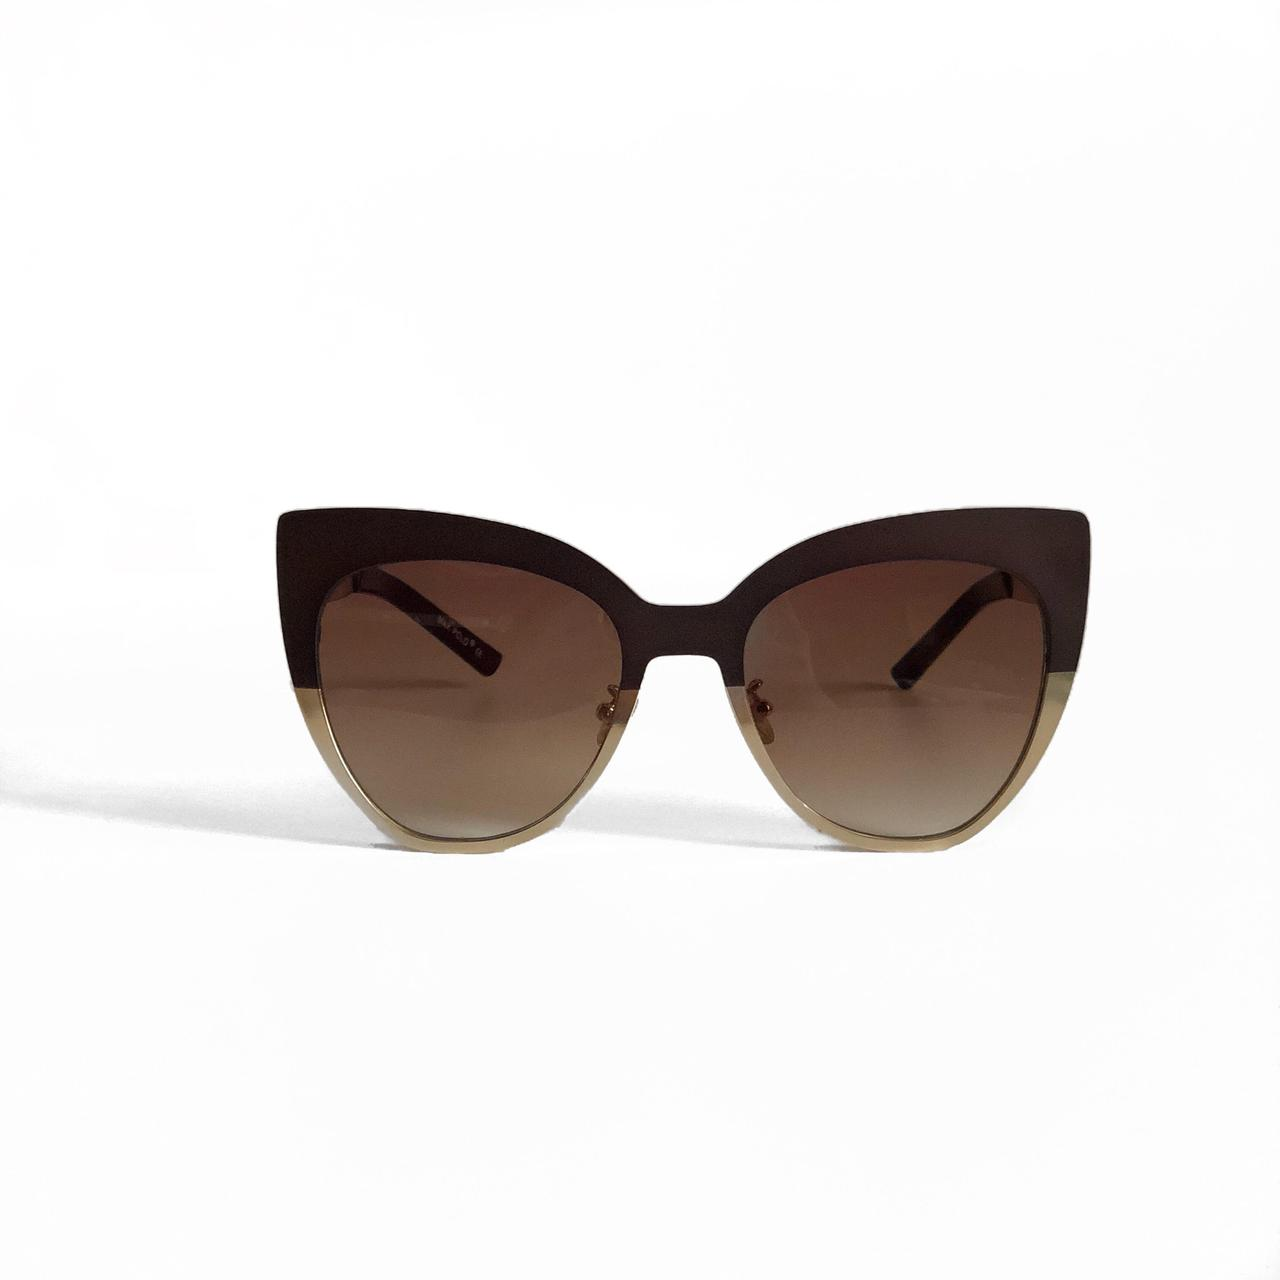 Женские солнцезащитные очки MAX POLO в двухцветной оправе